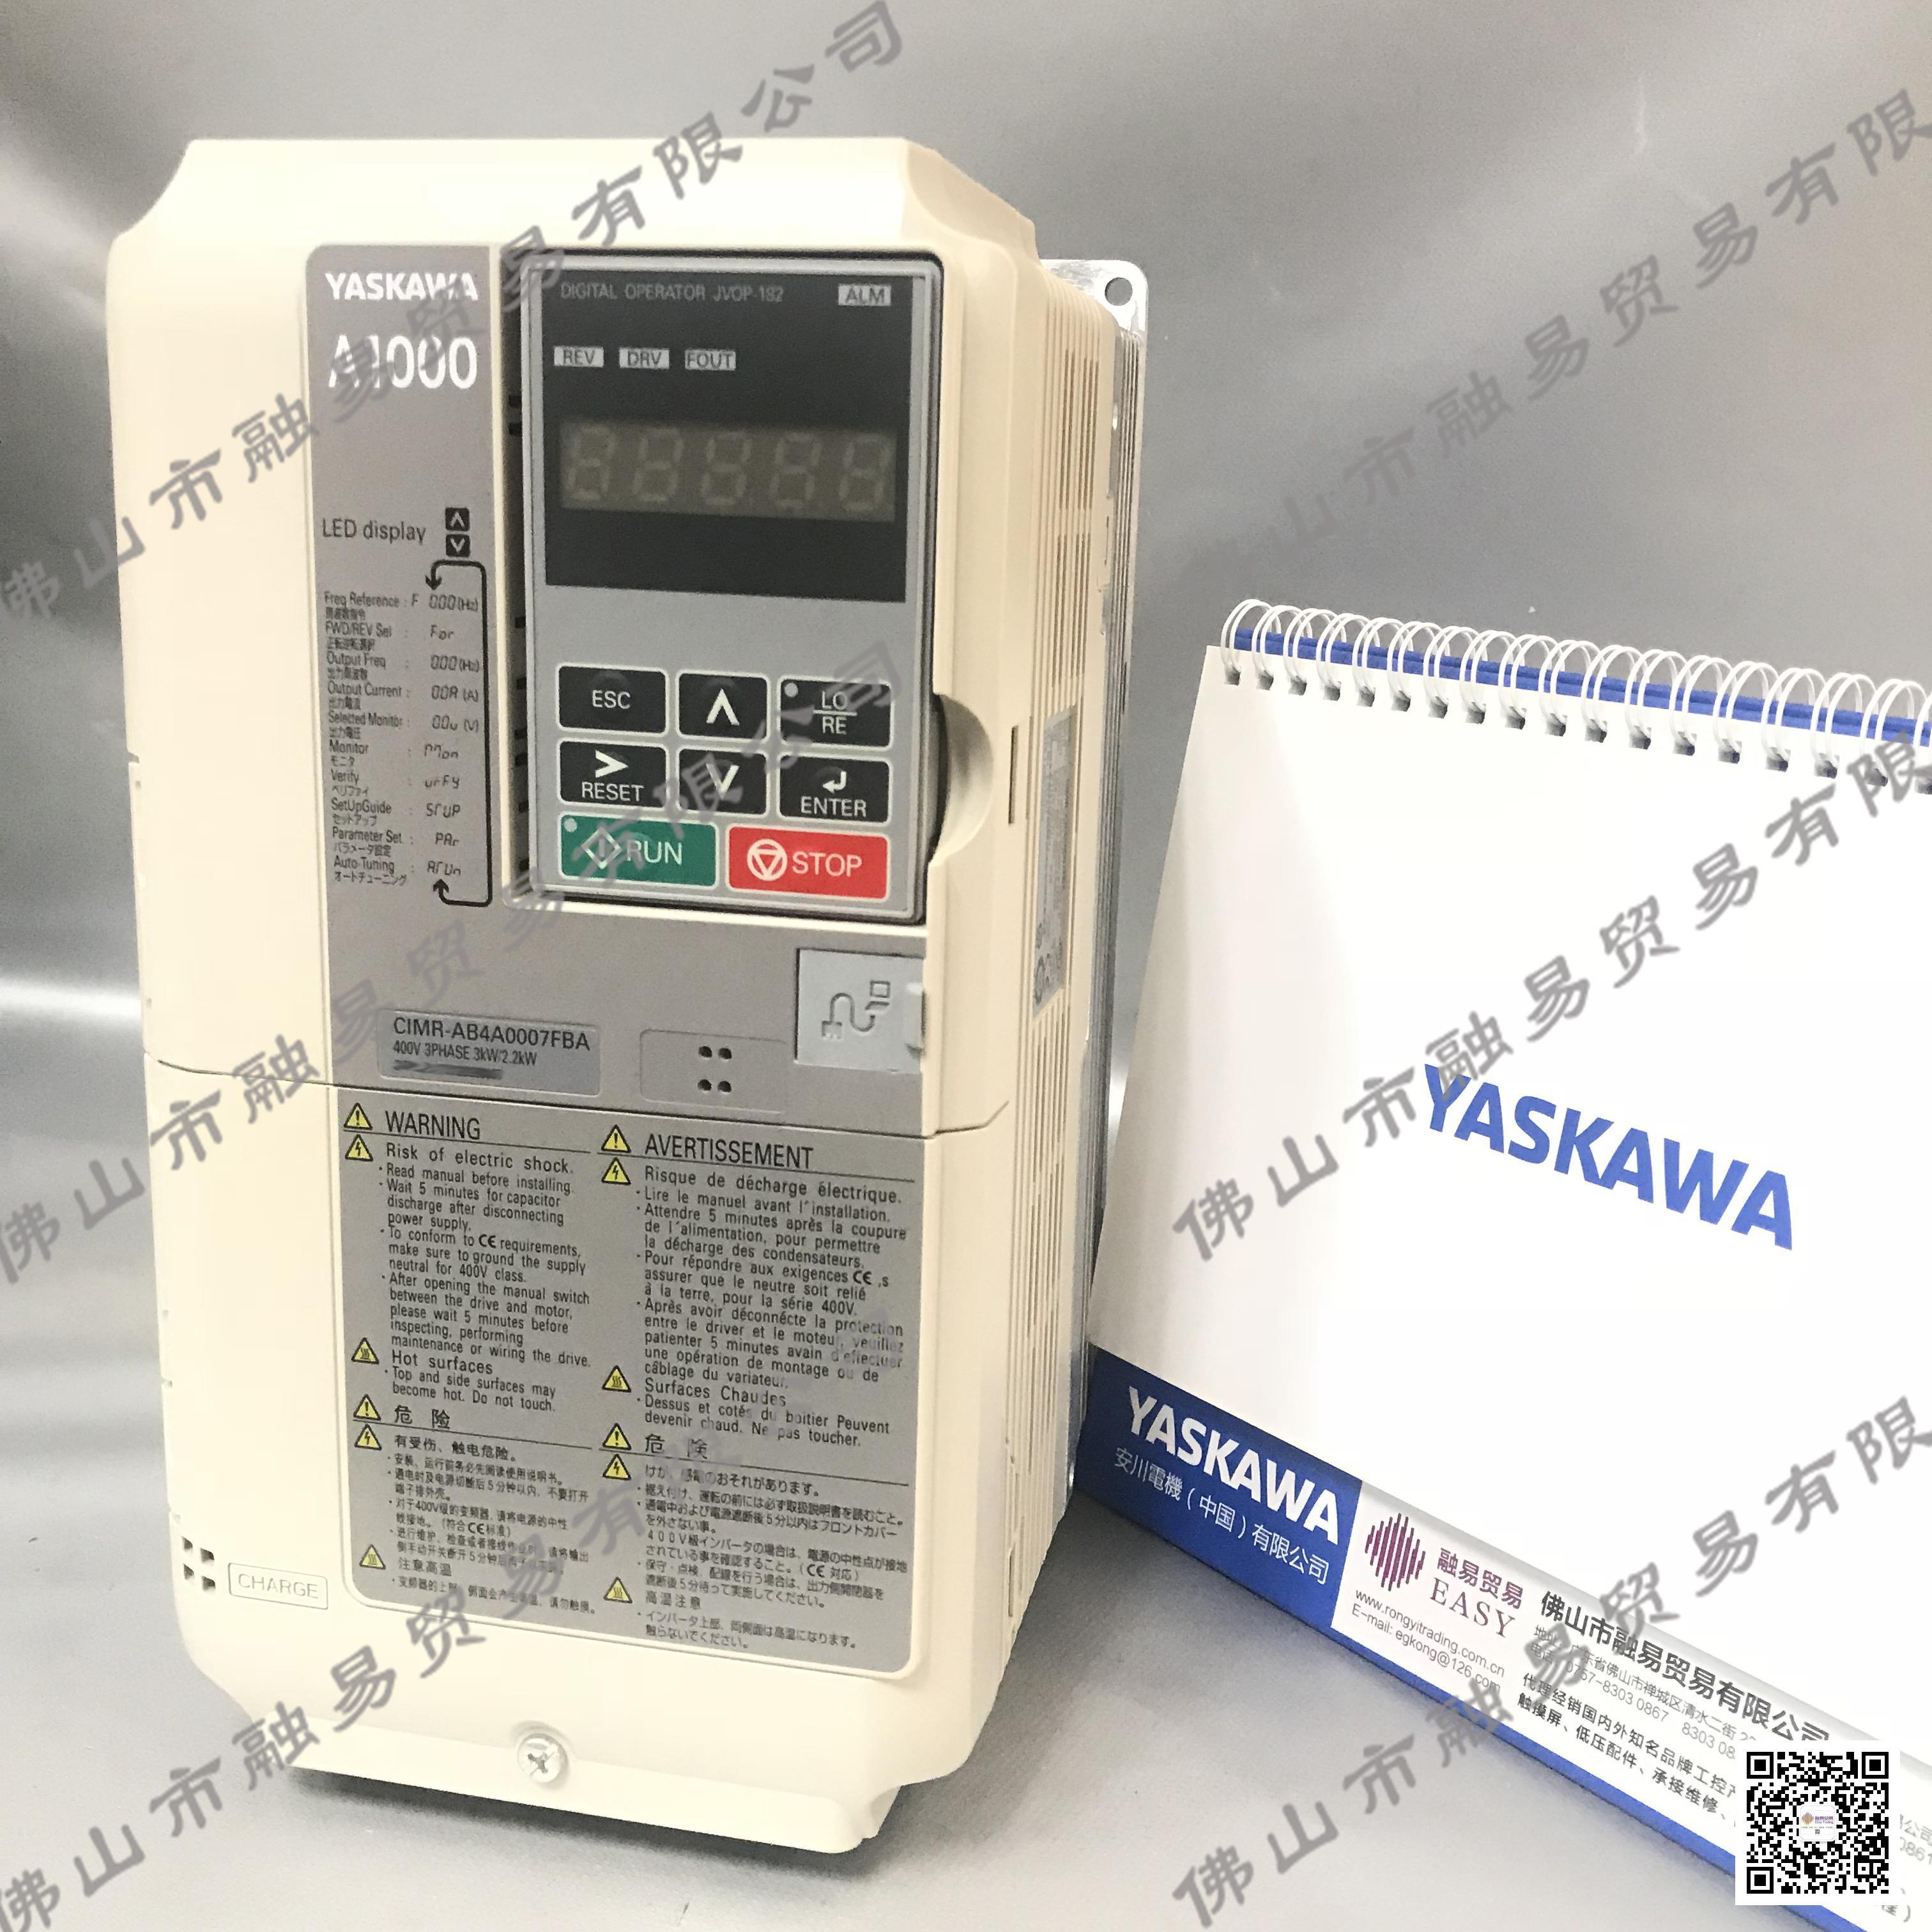 供应全新原装日本安川变频器CIMR-AB4A0007FBA